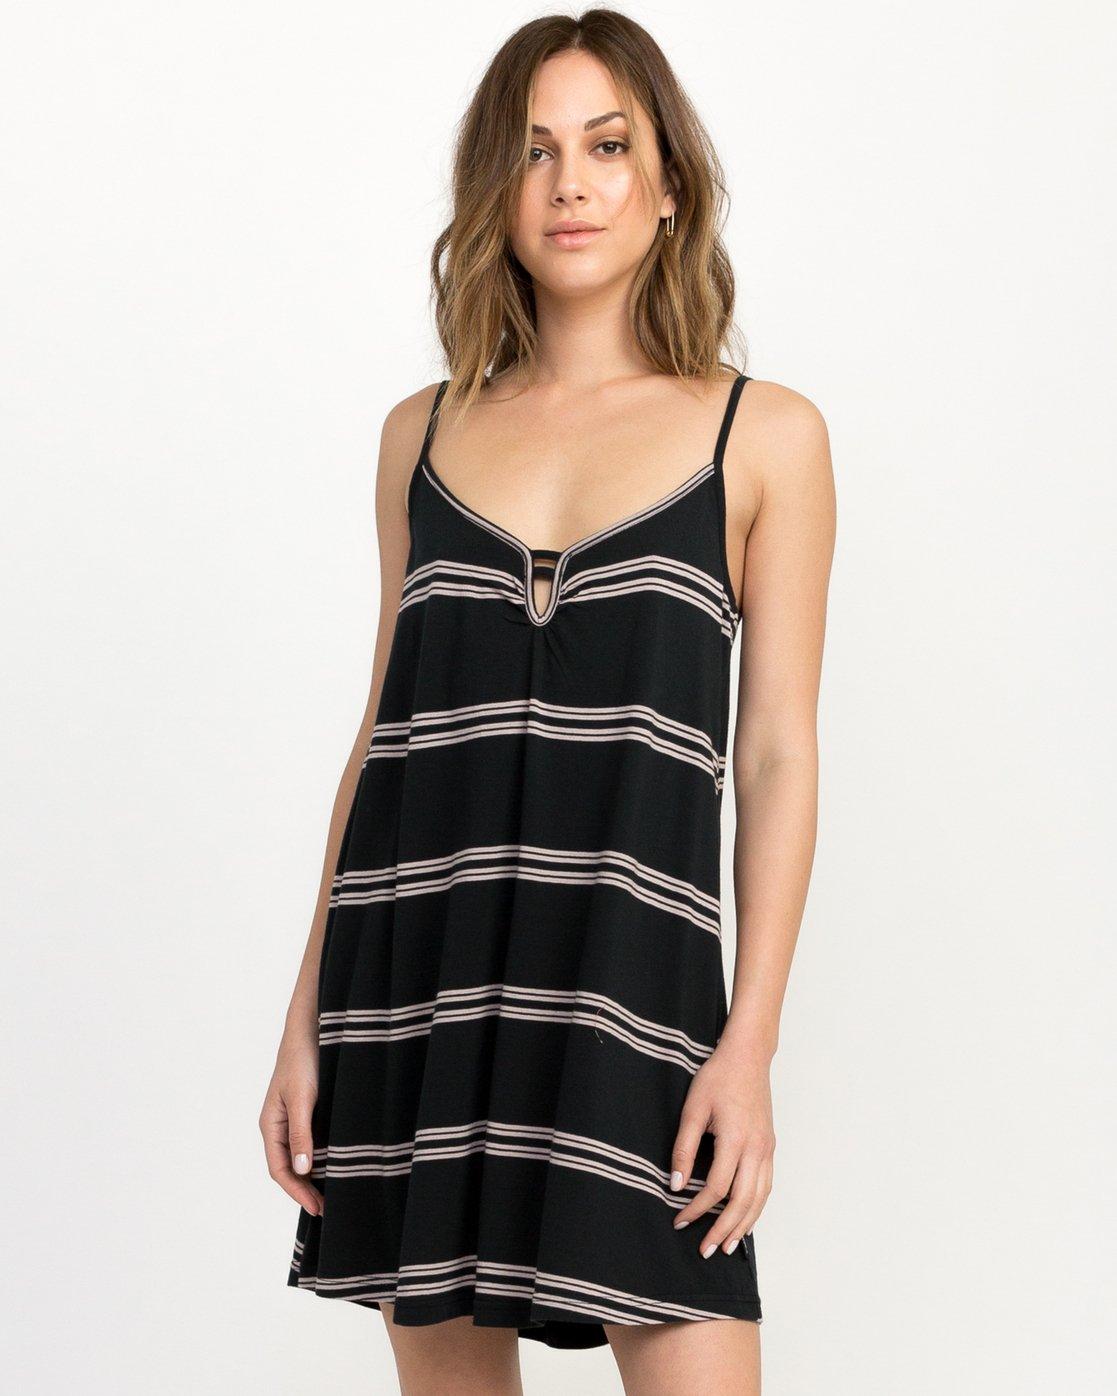 0 Downer Striped Dress Black WD03QRDO RVCA